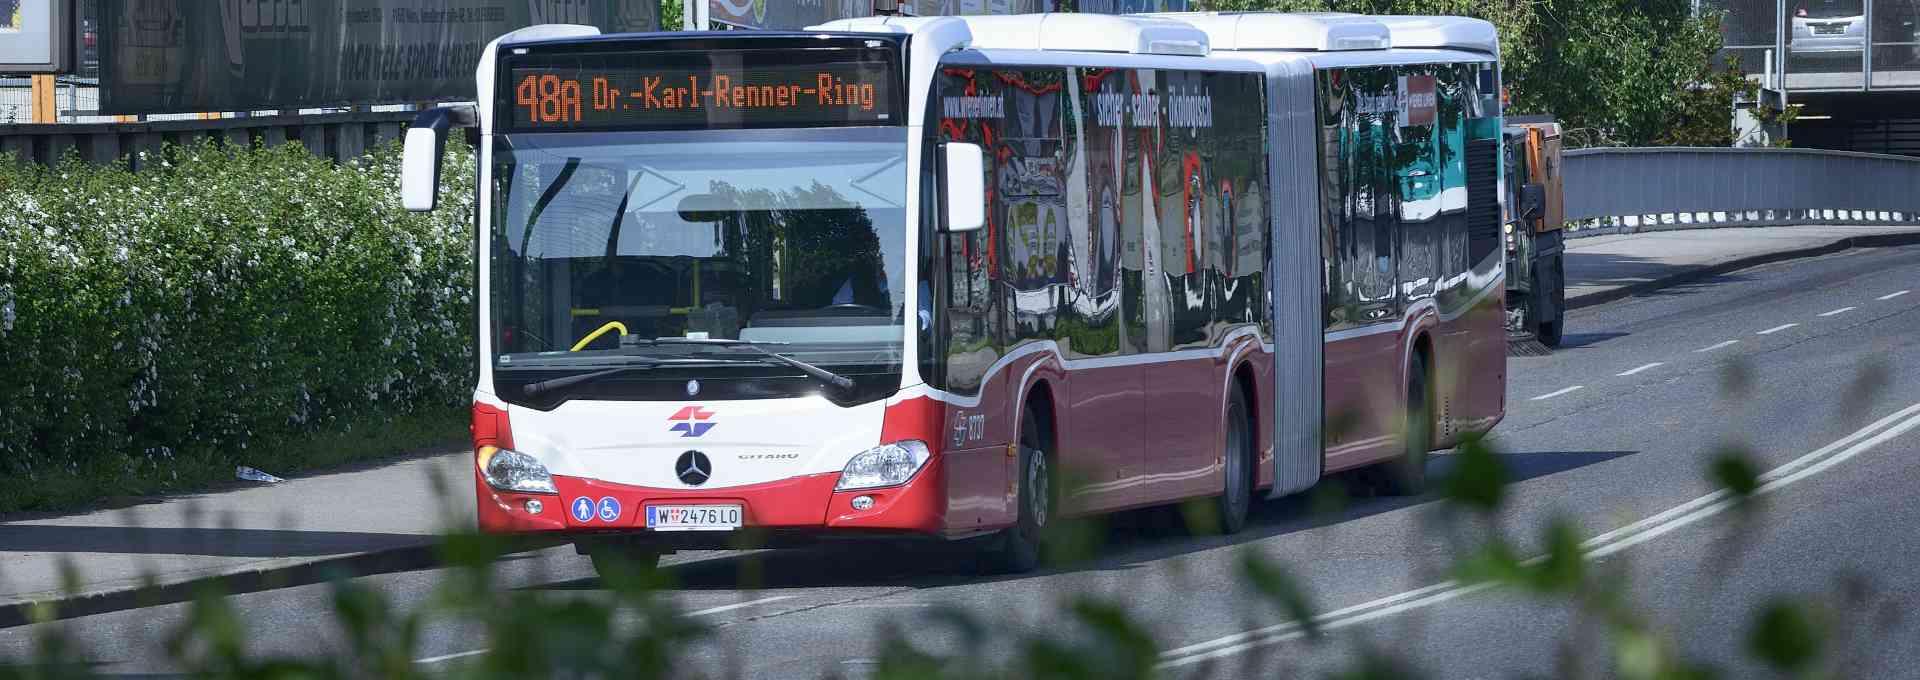 Heiß-Kalt in den Öffis - Wiener Linien Unternehmensblog